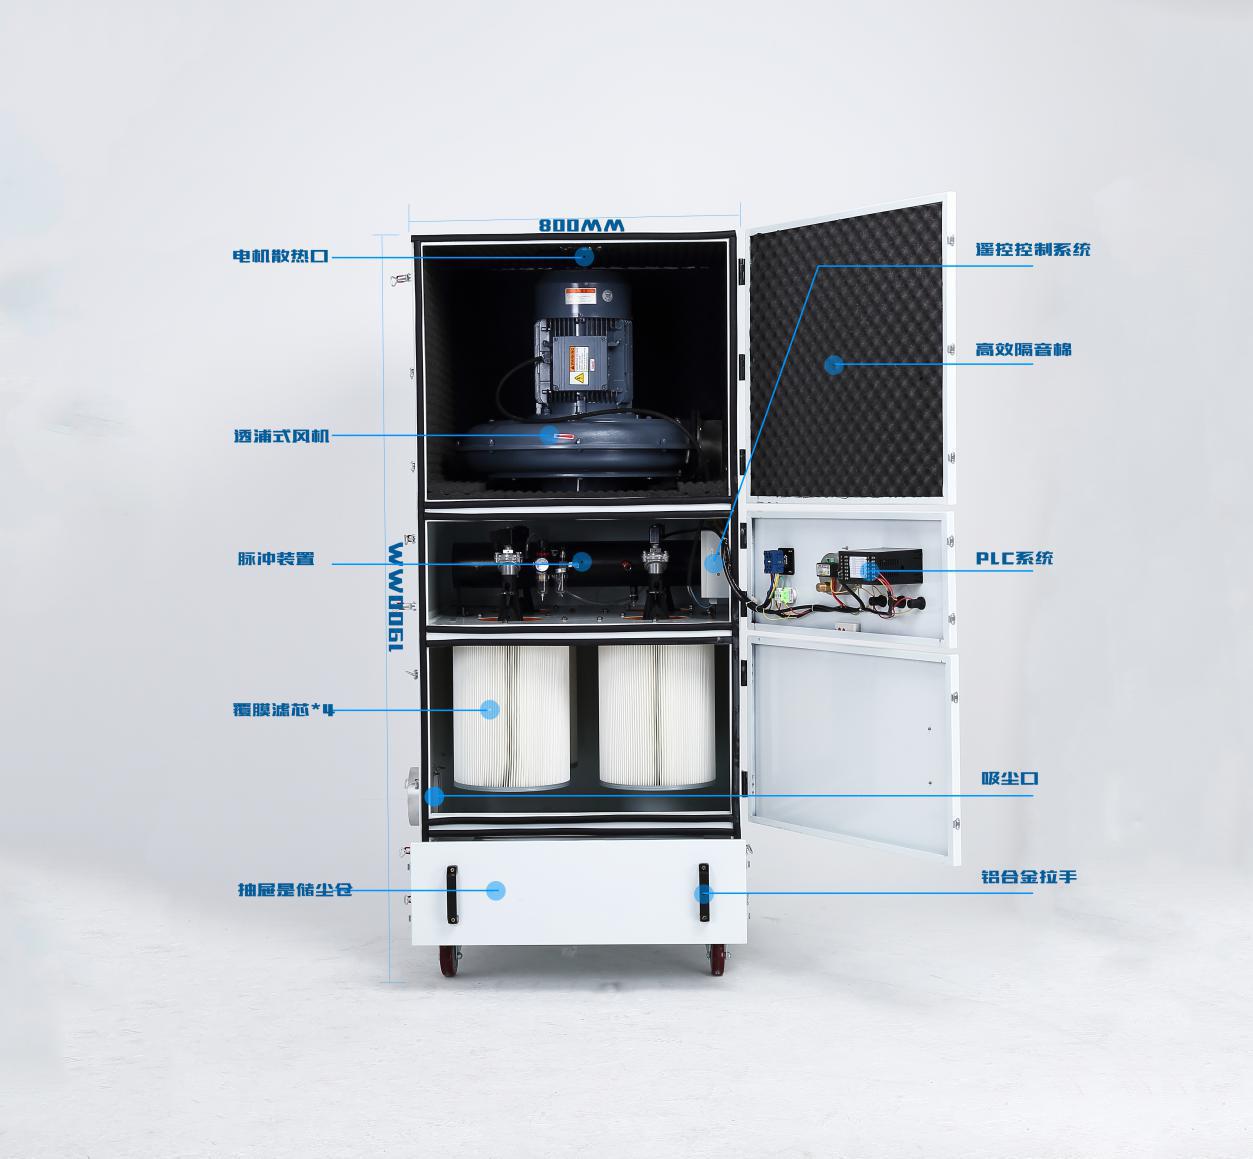 非标定制 磨床吸尘器CW-220S  功率2.2kw磨床金属粉末工业磨床吸尘器 工业吸尘器示例图5